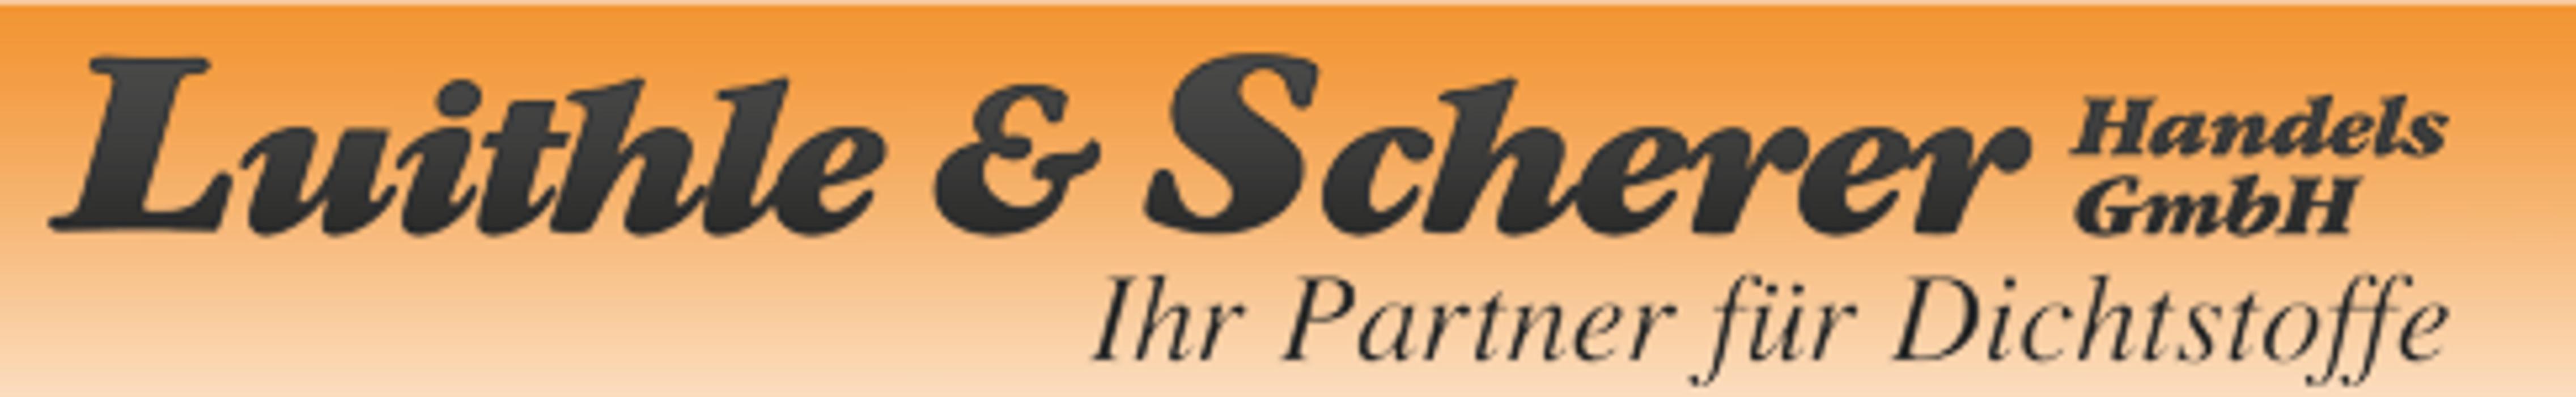 Bild zu Luithle & Scherer Handels GmbH in Bad Rappenau